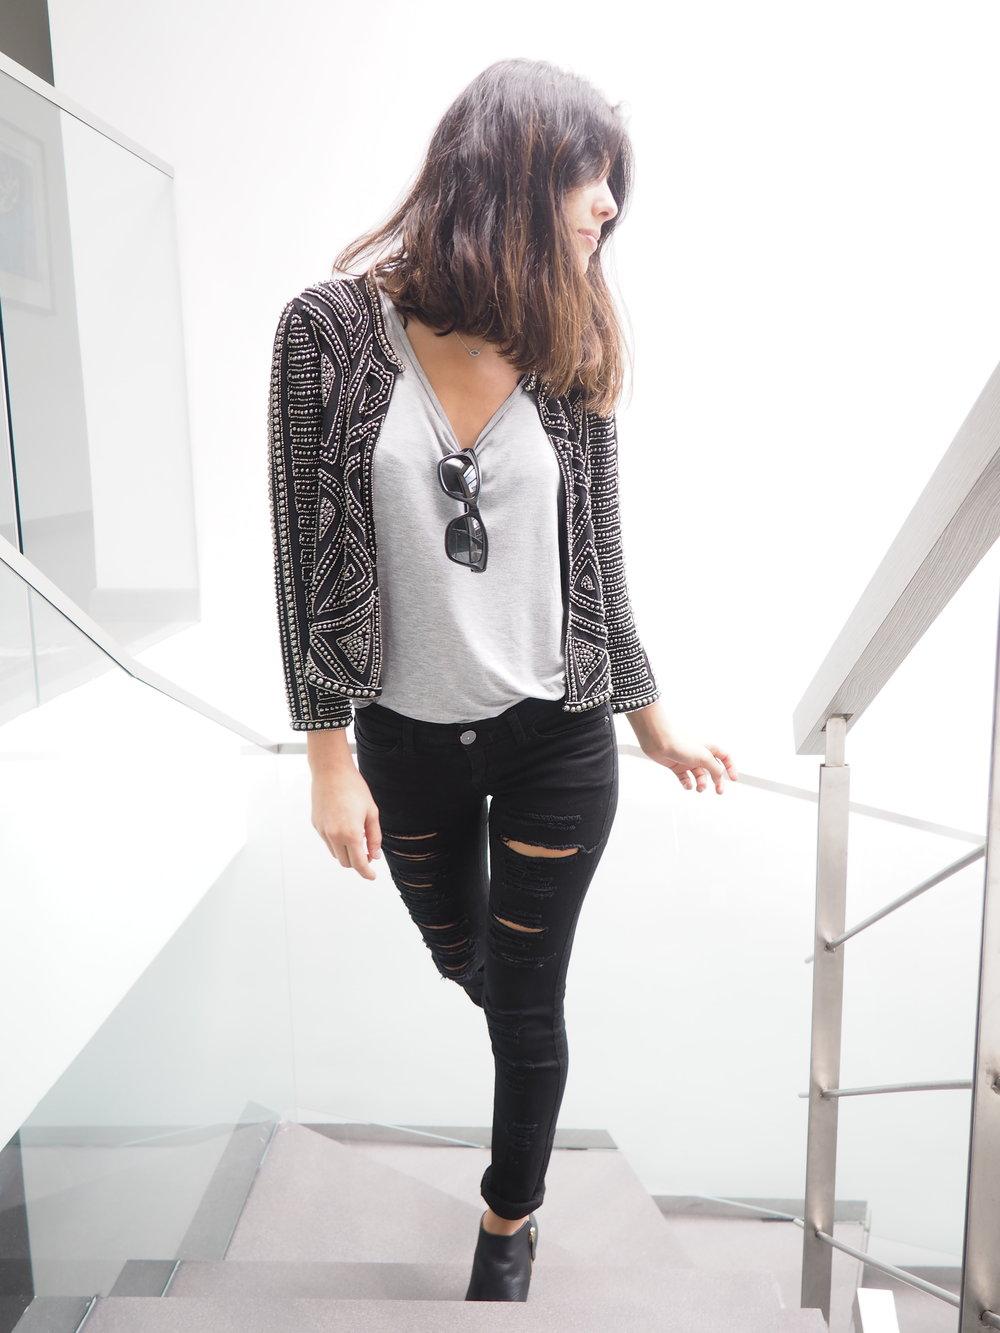 Chaqueta de taches y jeans rotos moda cool y street style